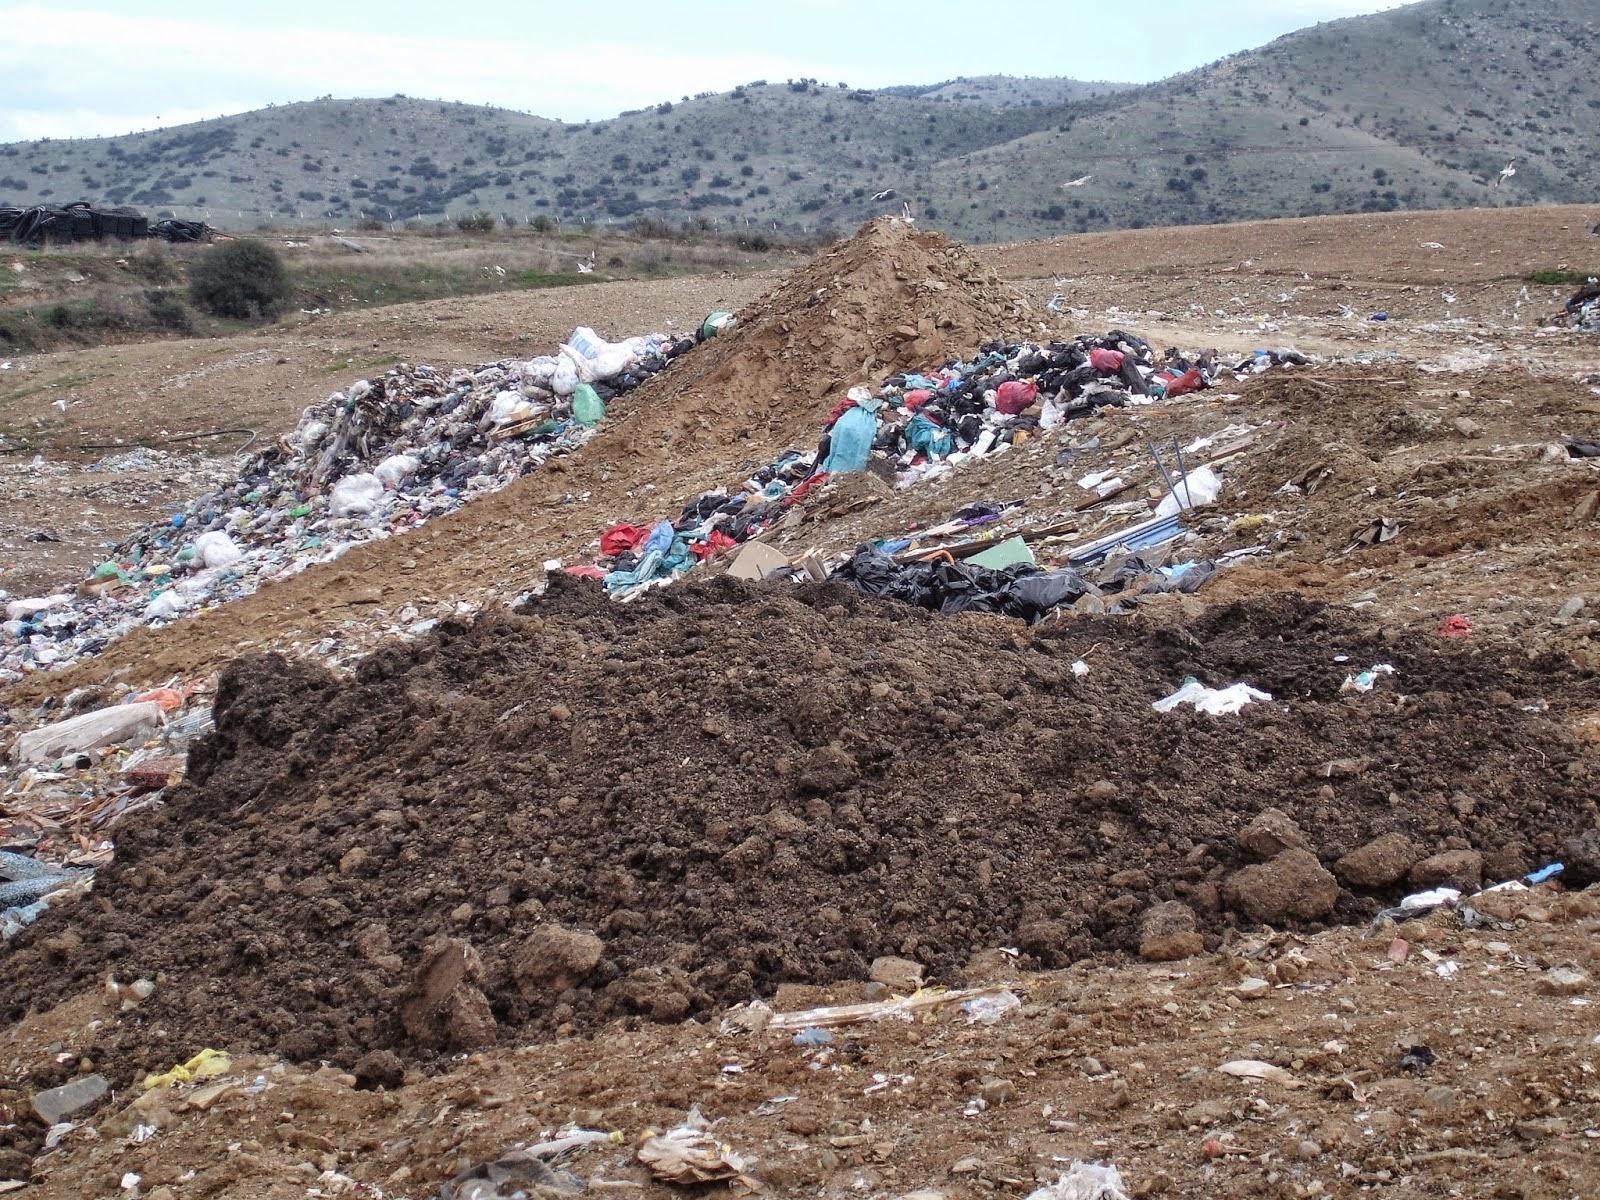 """Προ ημερησίας """"μάχη"""" και... αναμονή για τη μονάδα Λυματολάσπης στο δήμο Ζίτσας"""